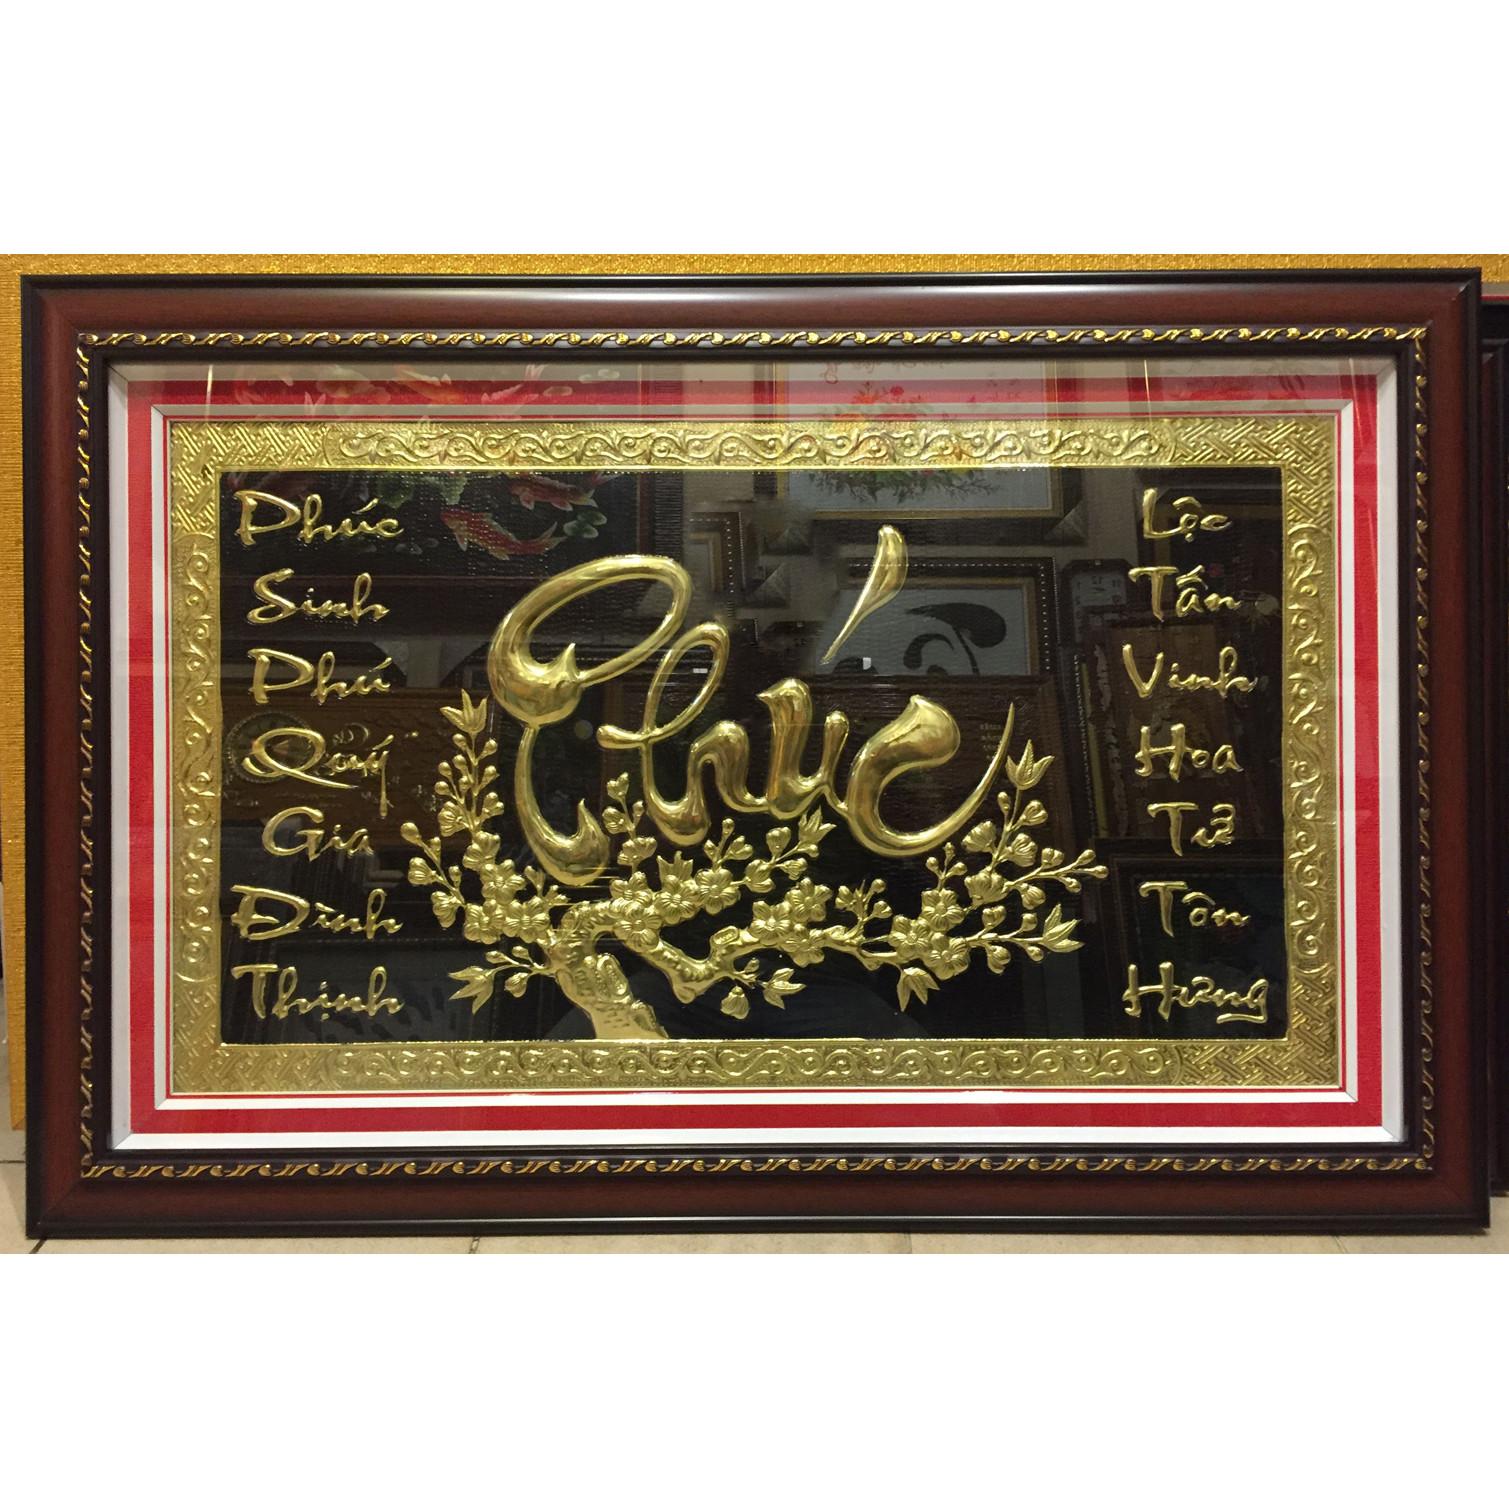 Tranh đồng , thư pháp chữ Phúc - A184